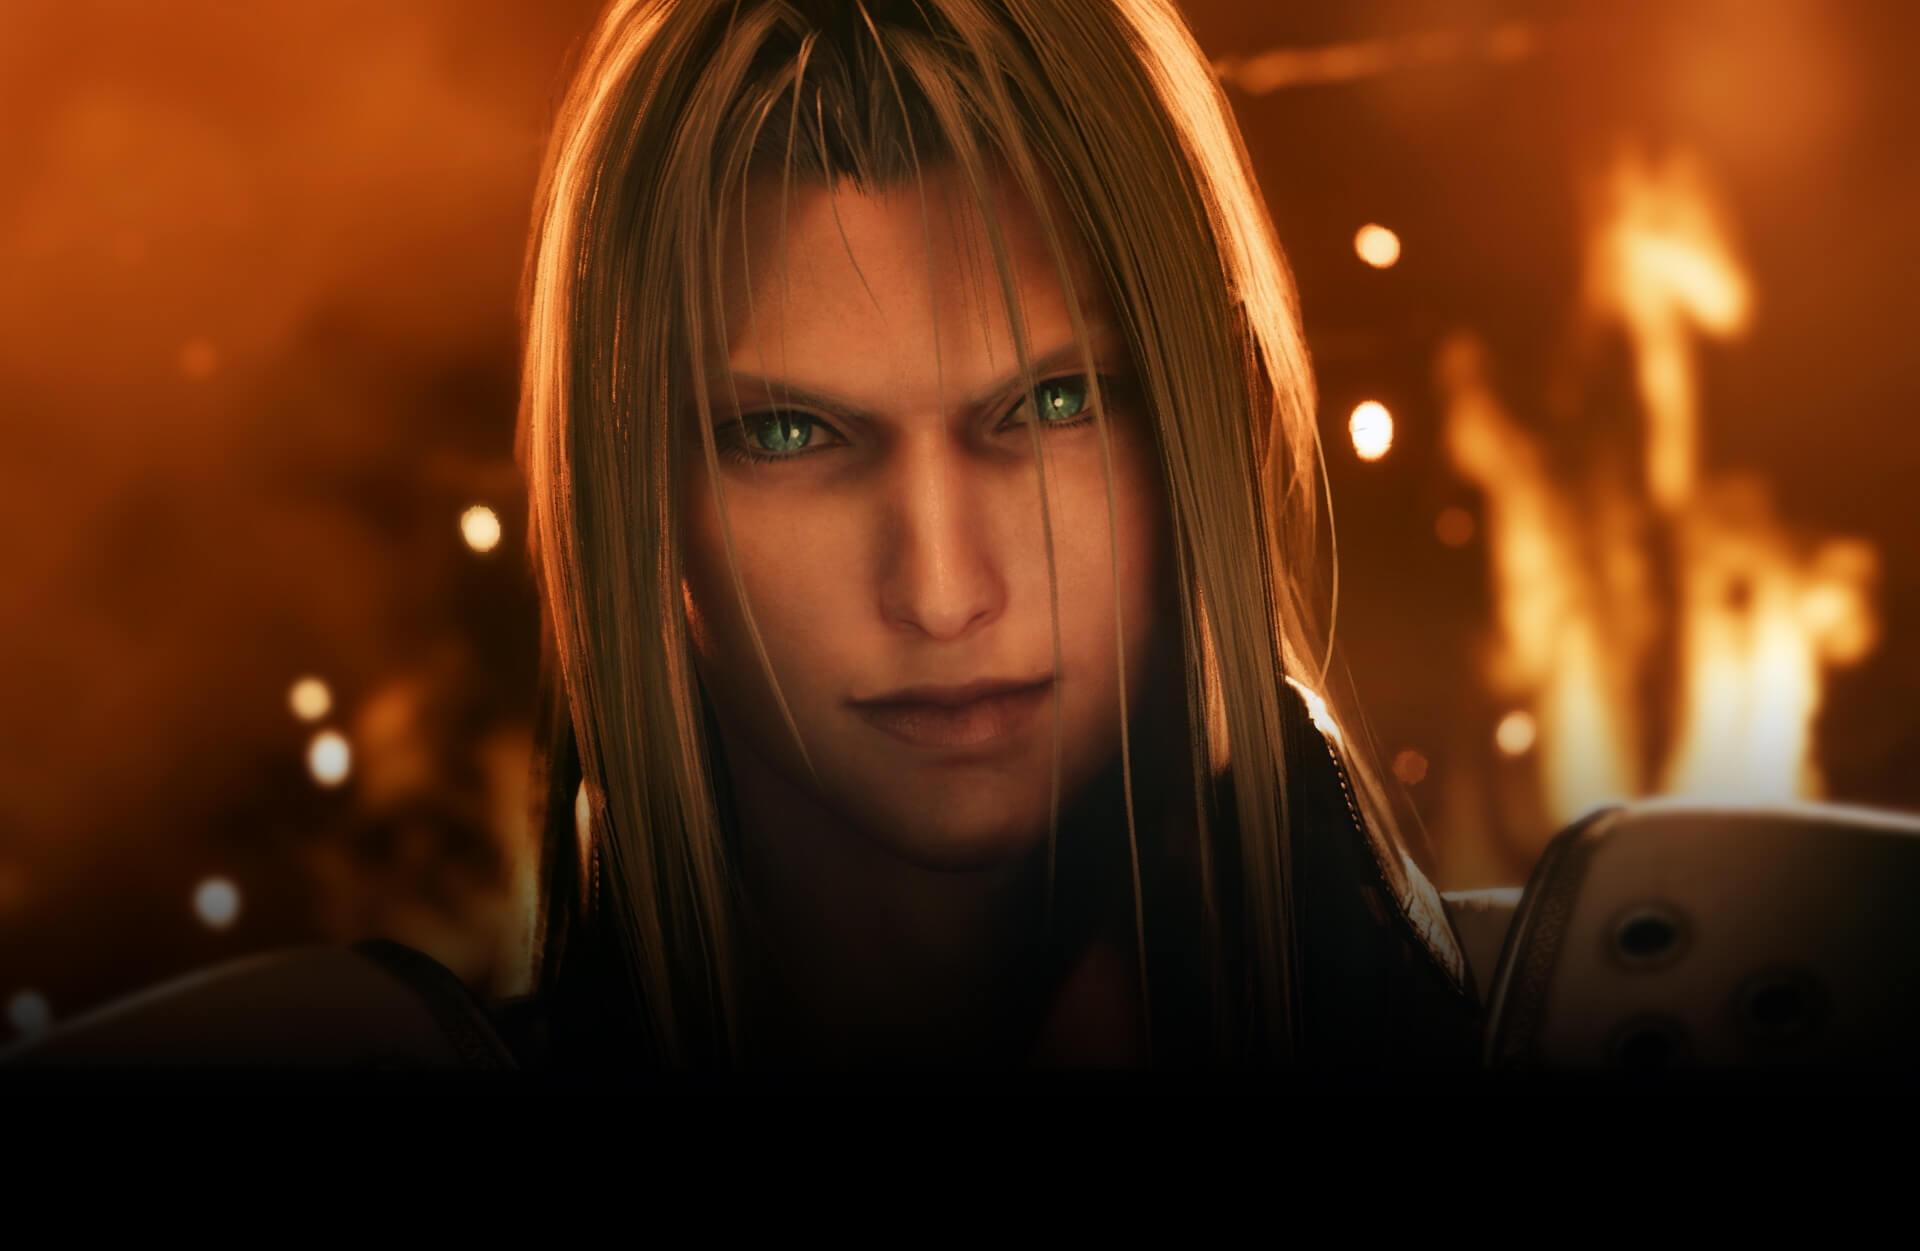 Final Fantasy, c'est loin d'etre fini ! - Page 21 Bg_404